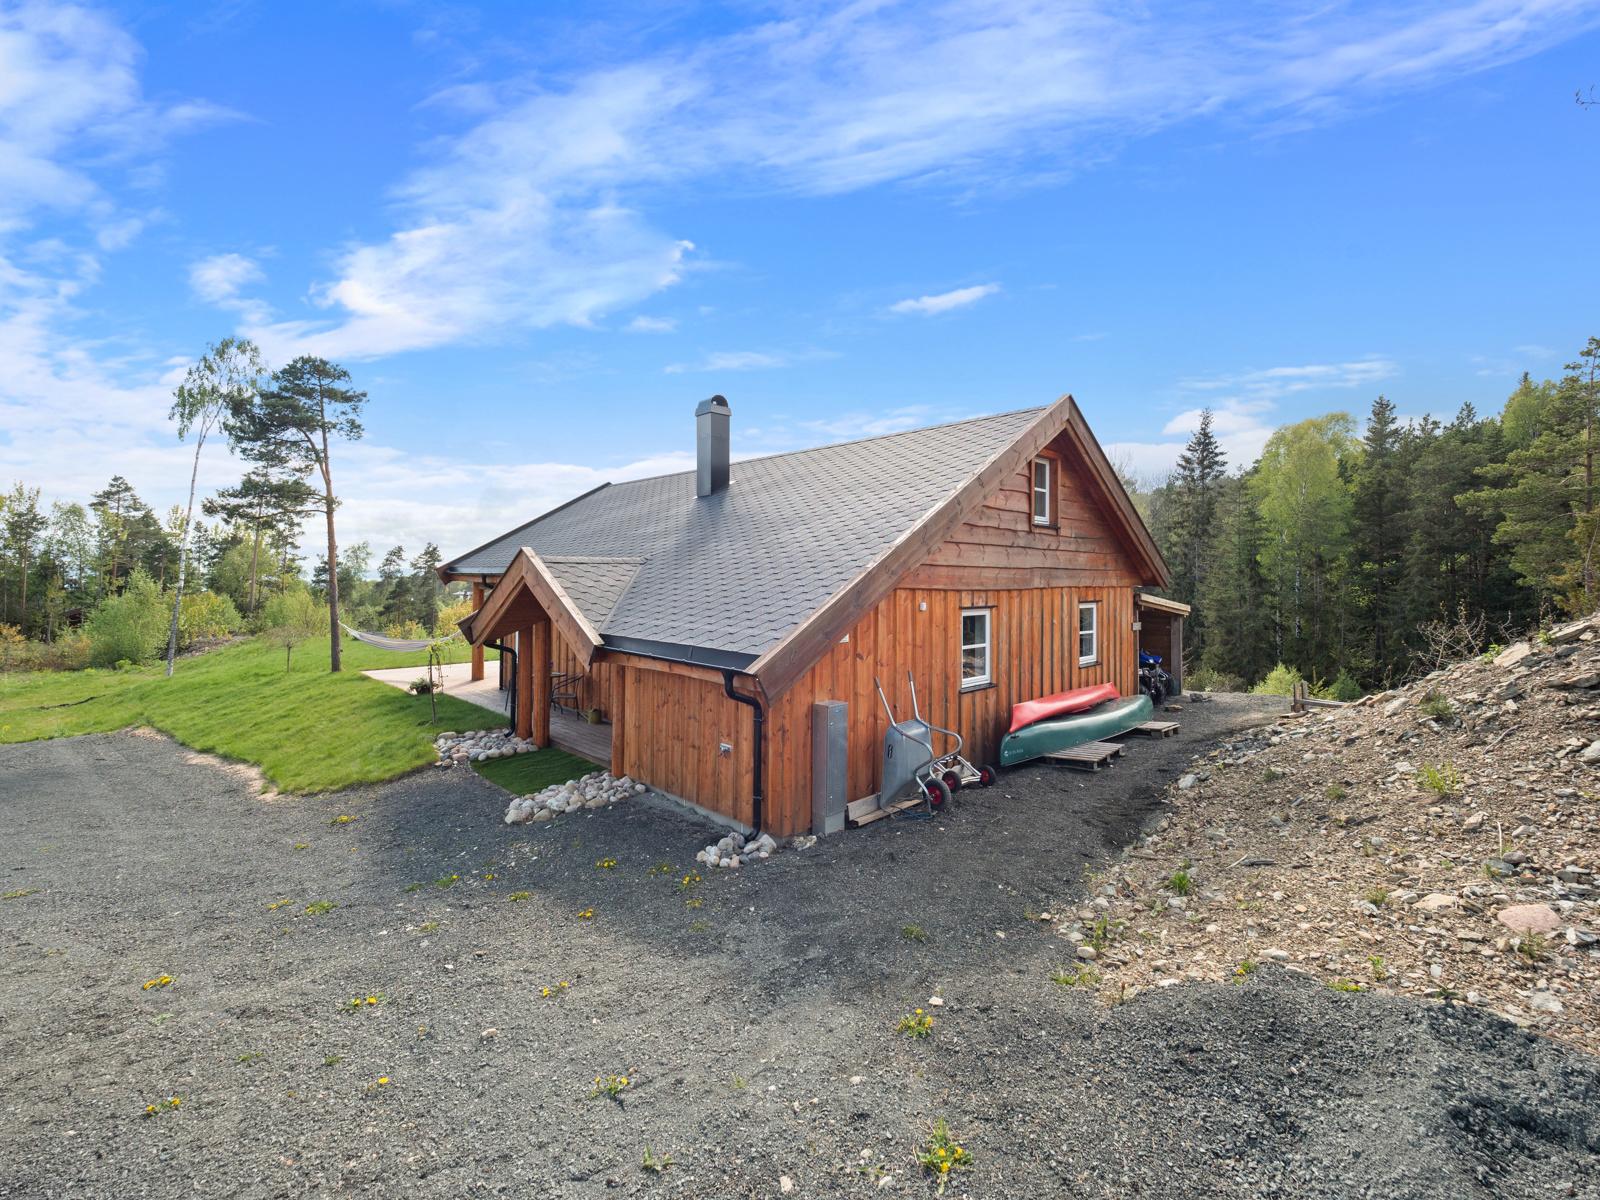 Tomten er opparbeidet med gårdsplass, terrasse, gressplen og noe naturtomt